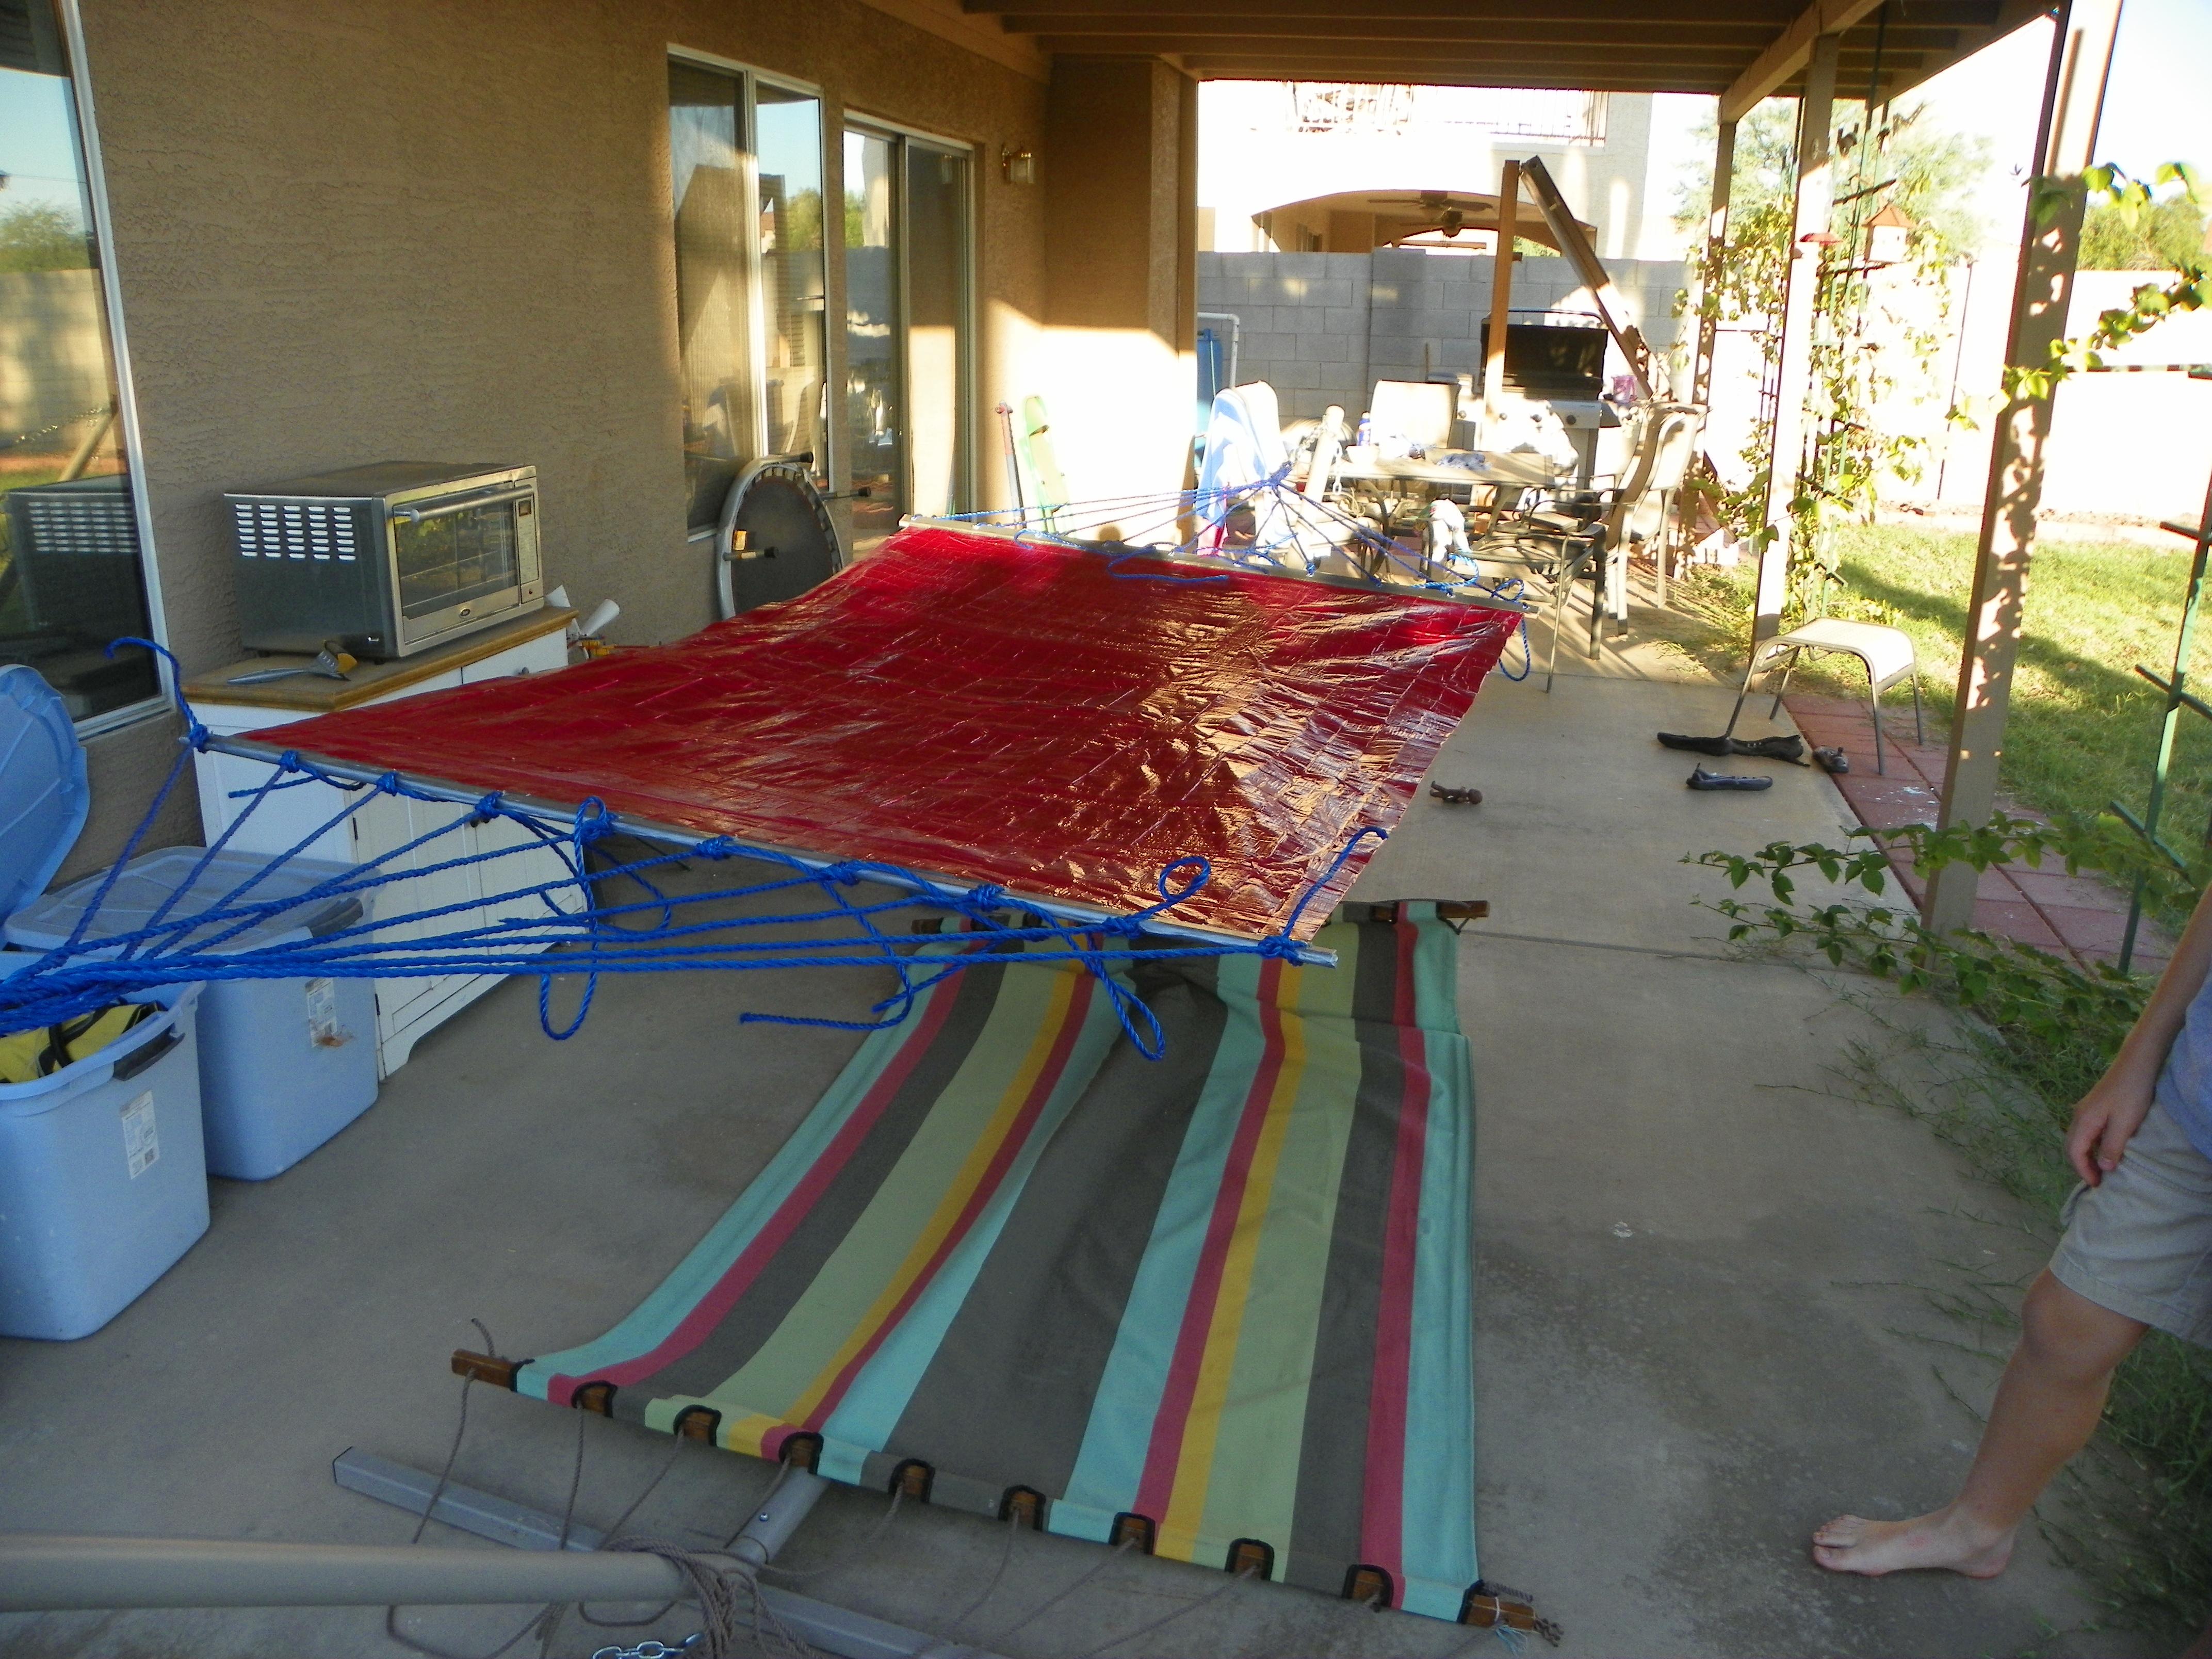 Duck tape hammock